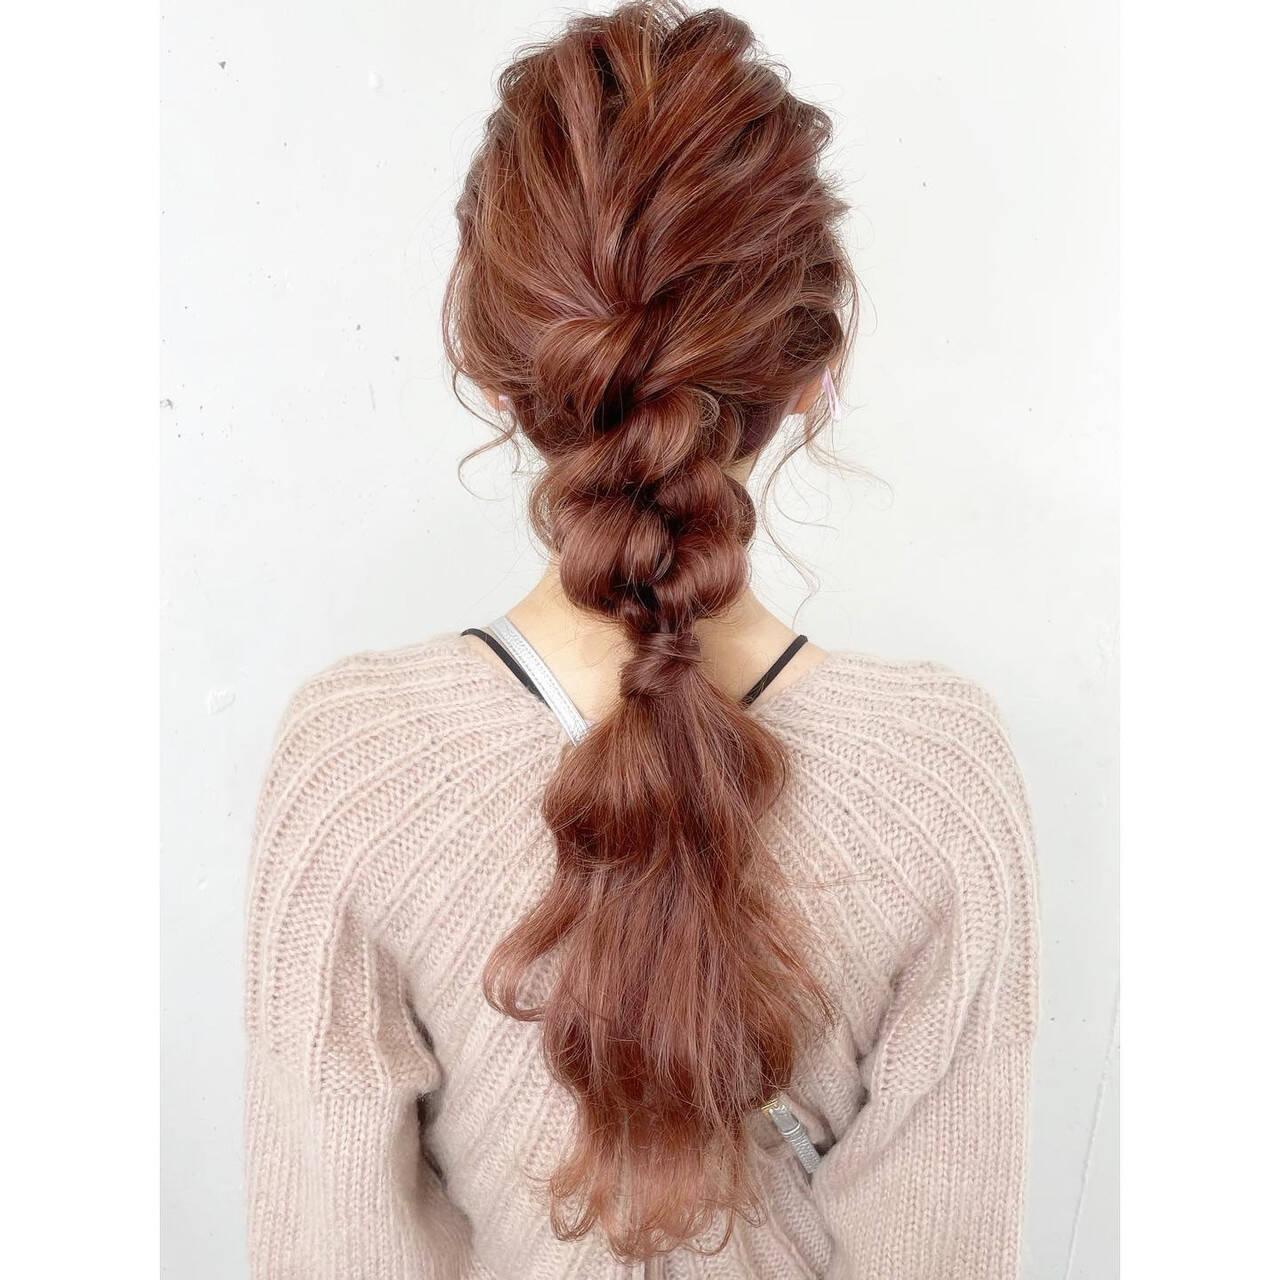 ヘアアレンジ 簡単ヘアアレンジ セルフヘアアレンジ ロングヘアスタイルや髪型の写真・画像